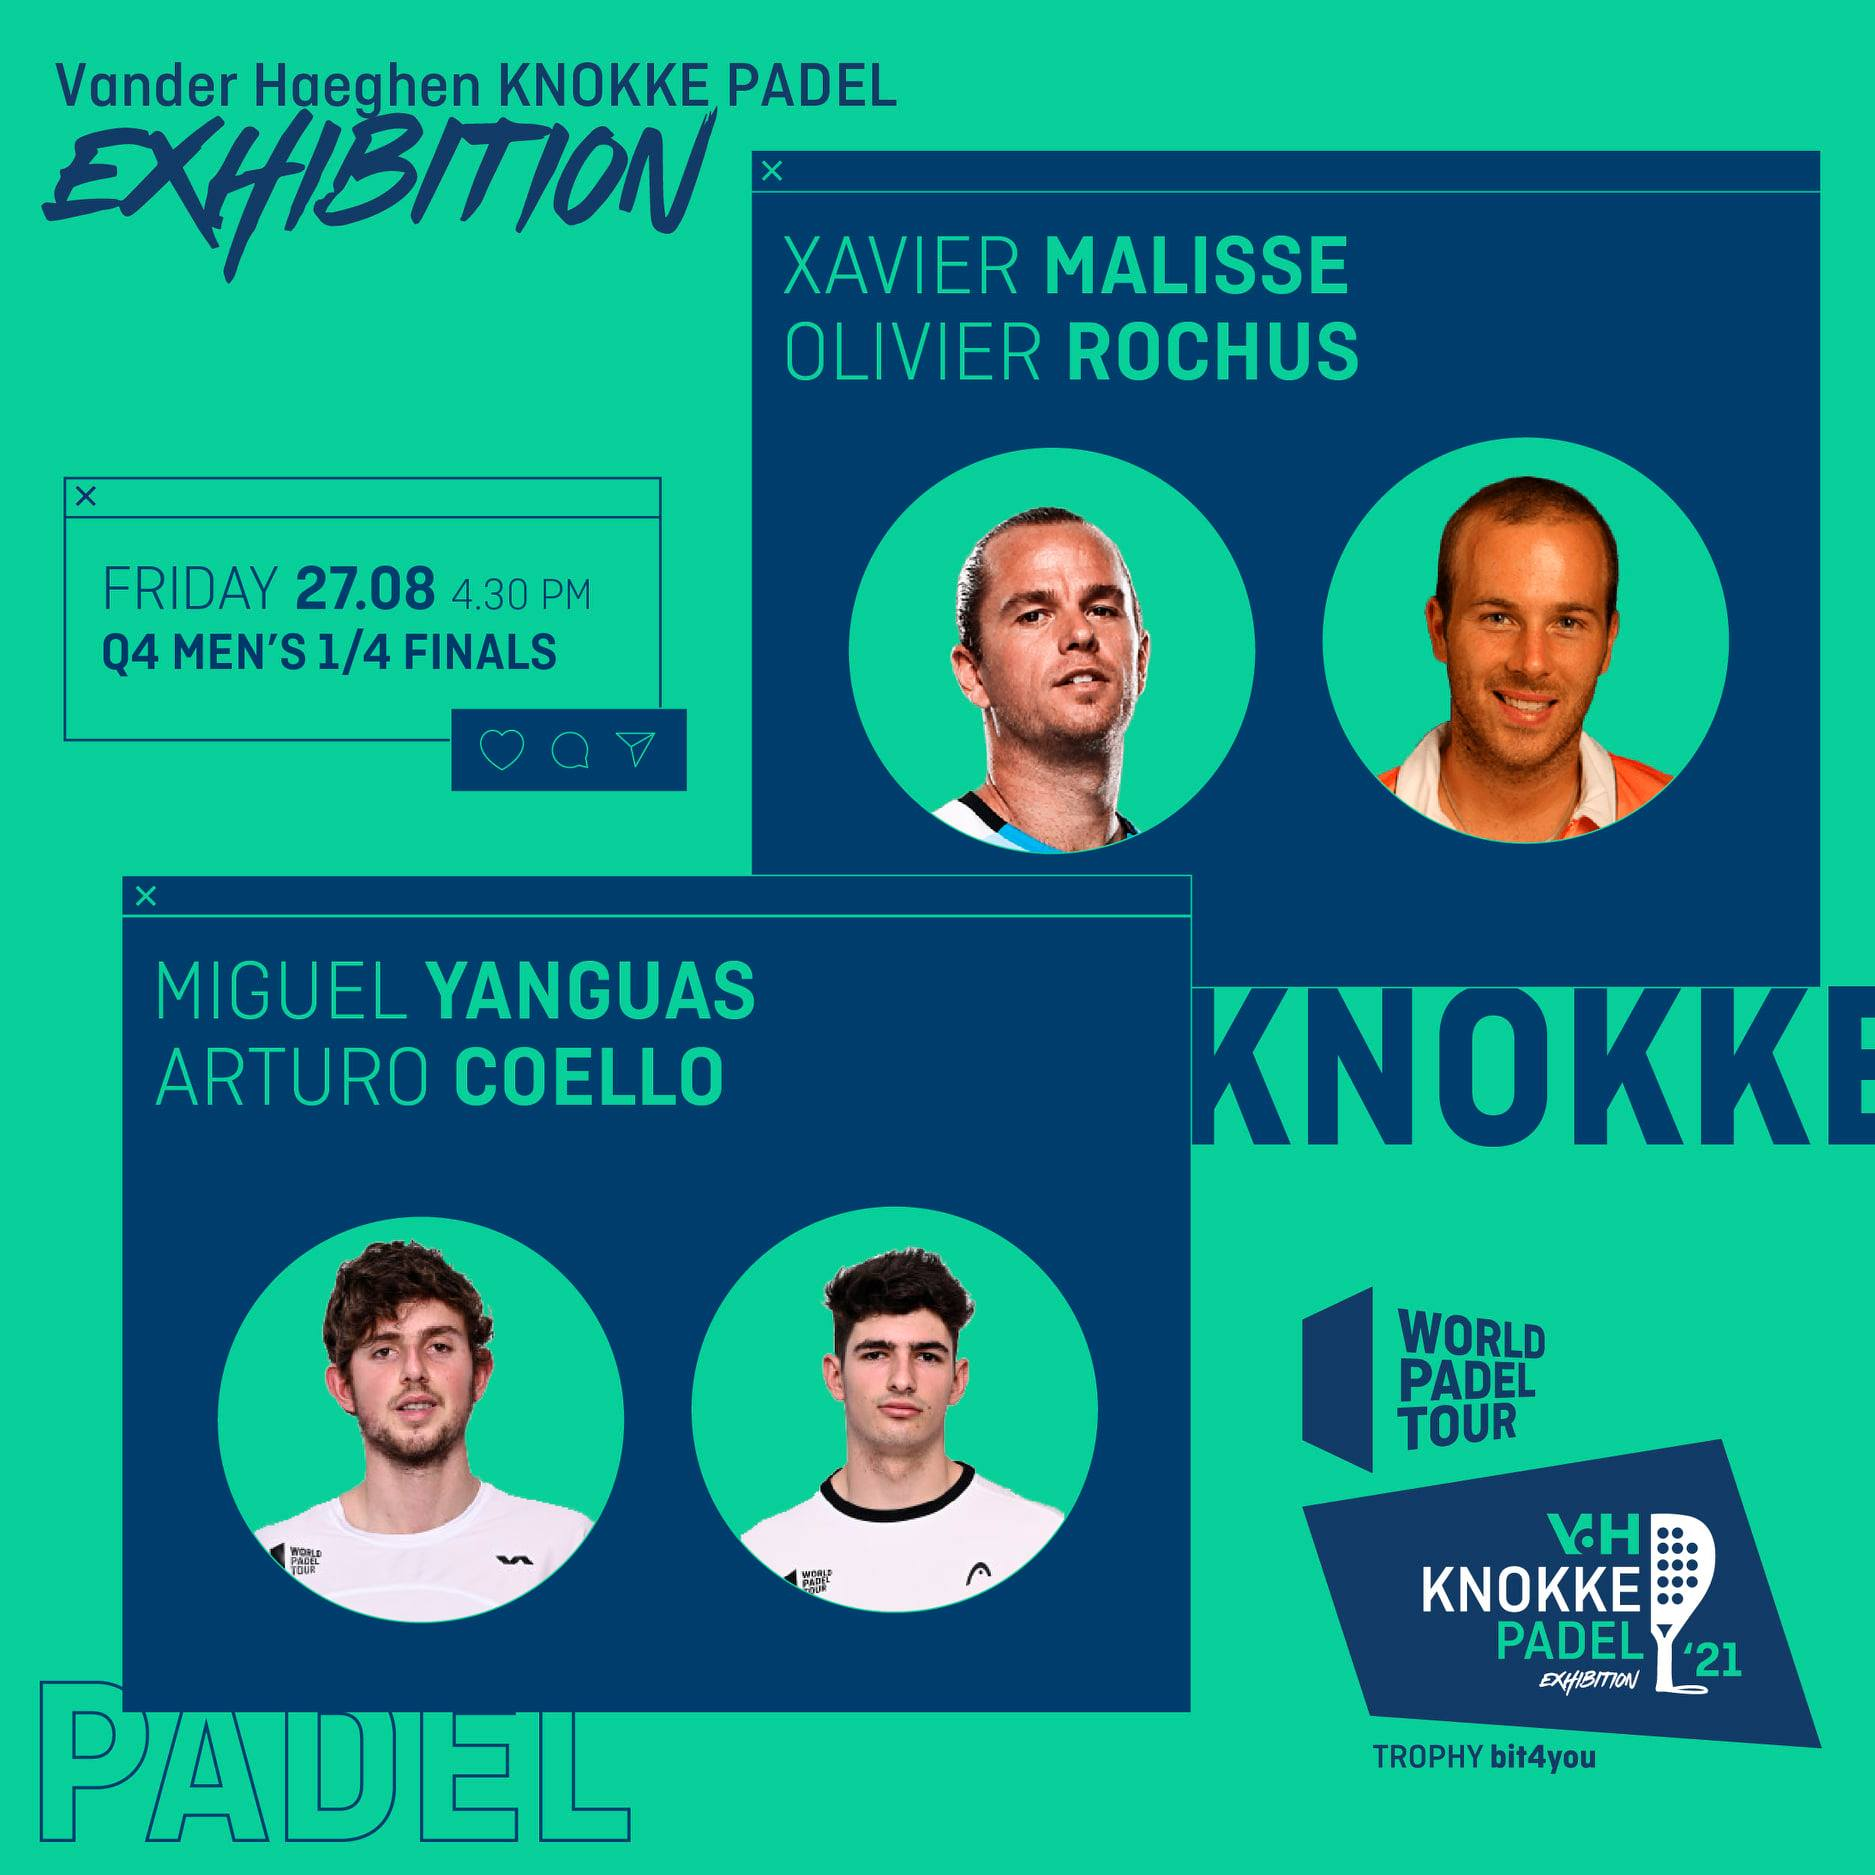 World Padel Tour Knokke malisse rochus